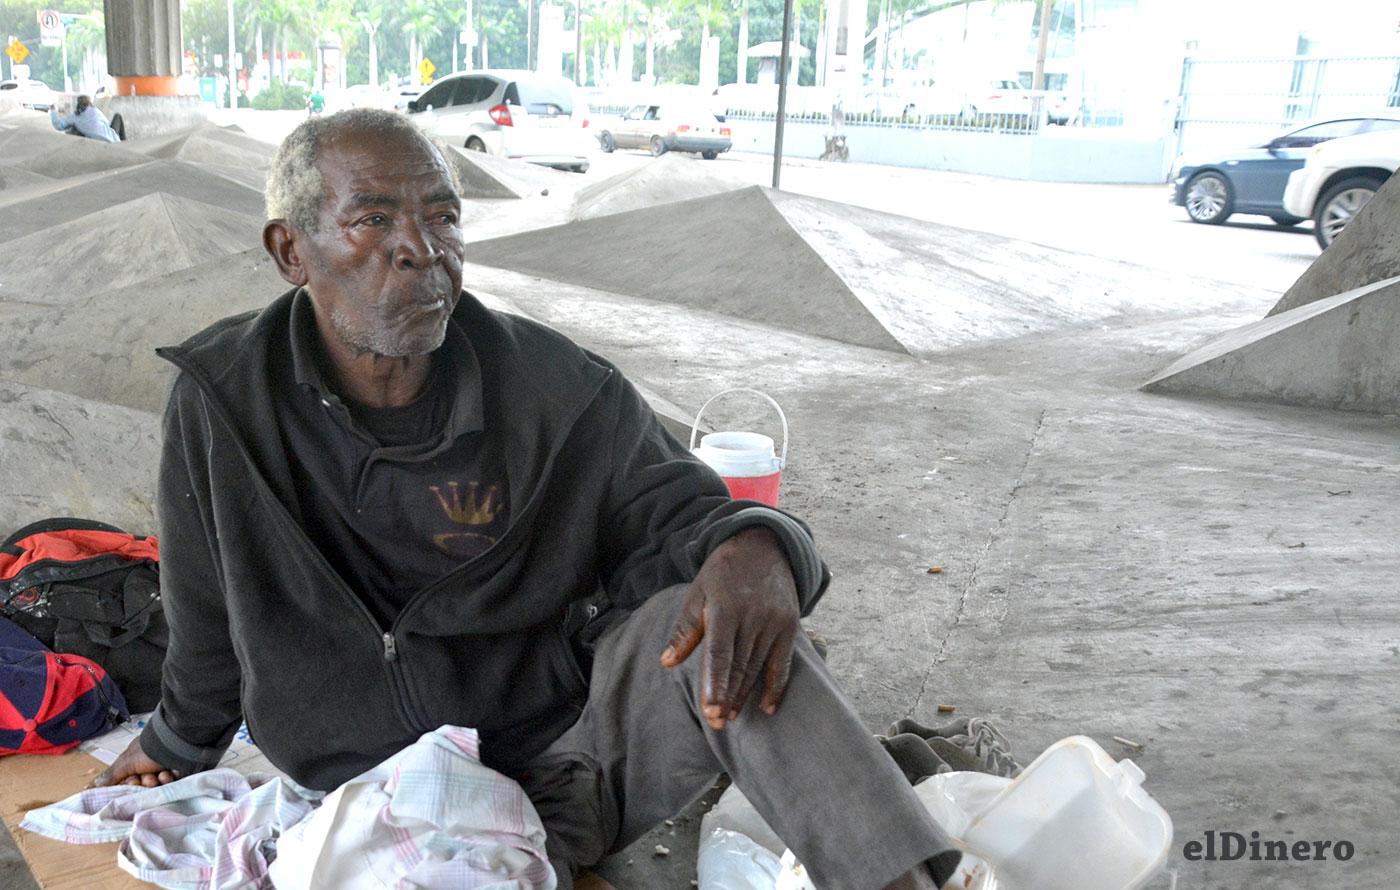 Indigencia: el drama socioeconómico de más de 296,500 dominicanos